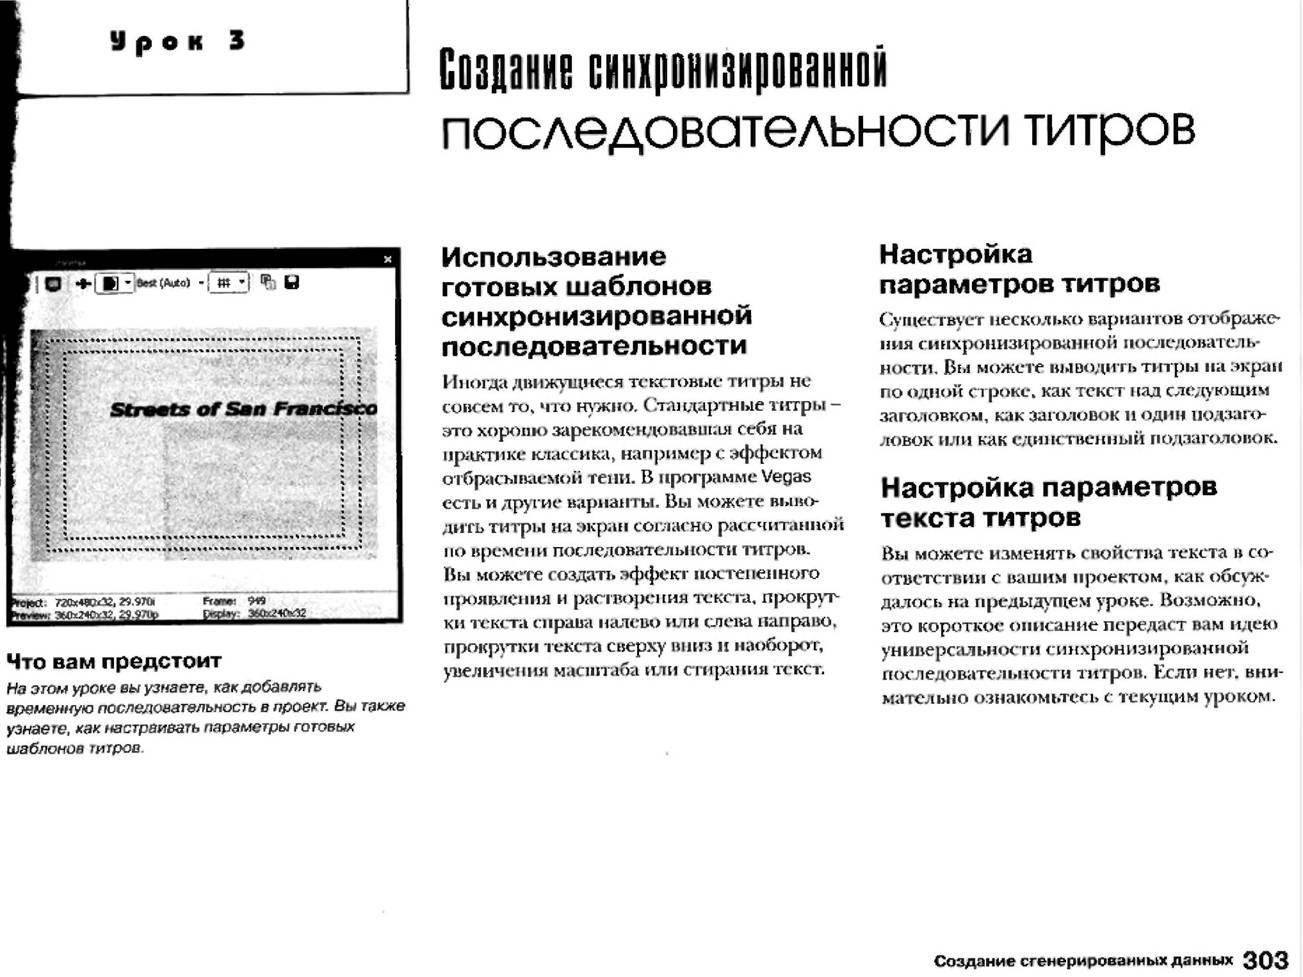 http://redaktori-uroki.3dn.ru/_ph/12/322897647.jpg